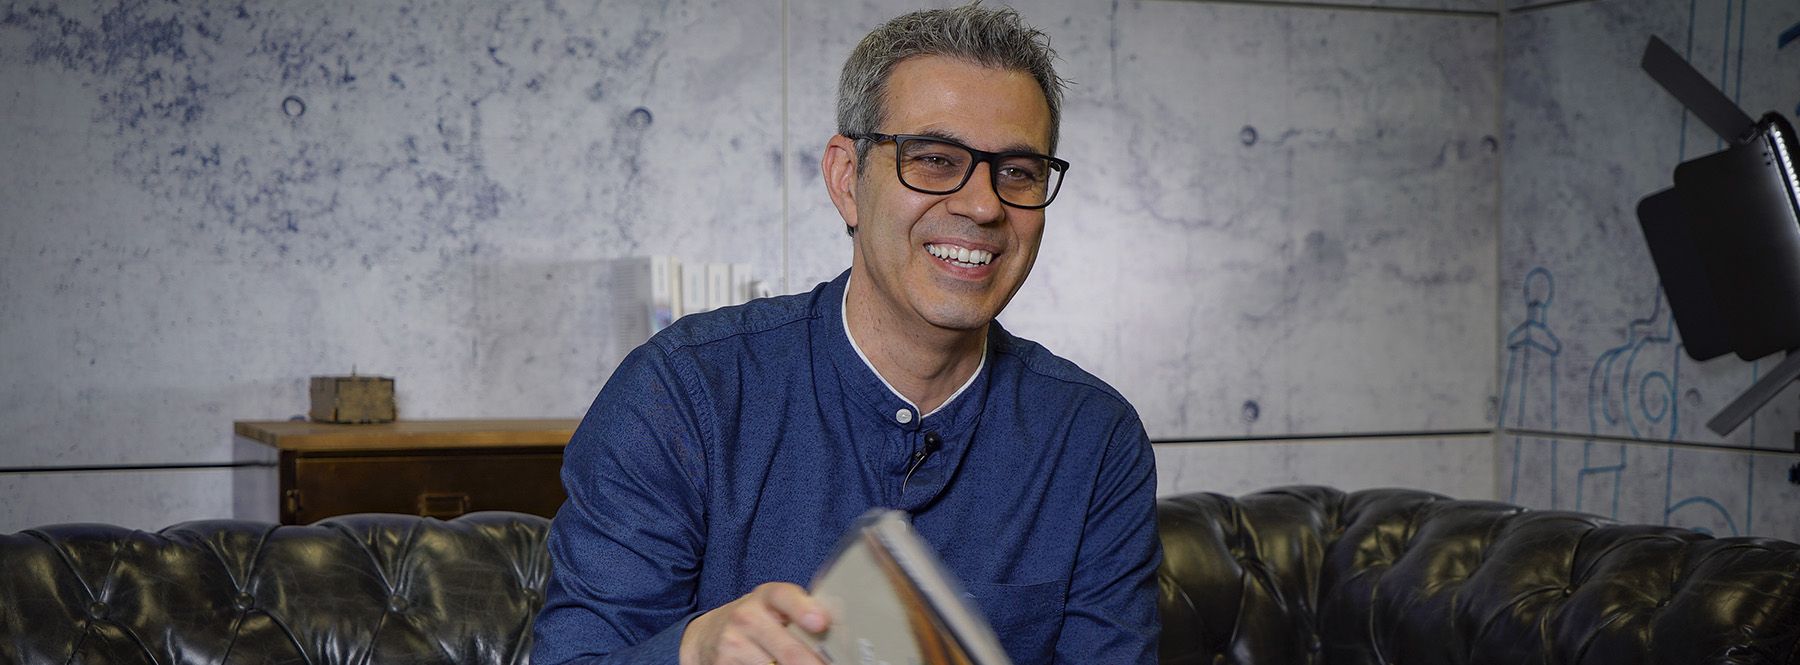 """Carlos Neila: """"El branding musical es darle una personalidad a la marca, la humaniza y así puede conectar con su cliente de una manera más cercana"""""""